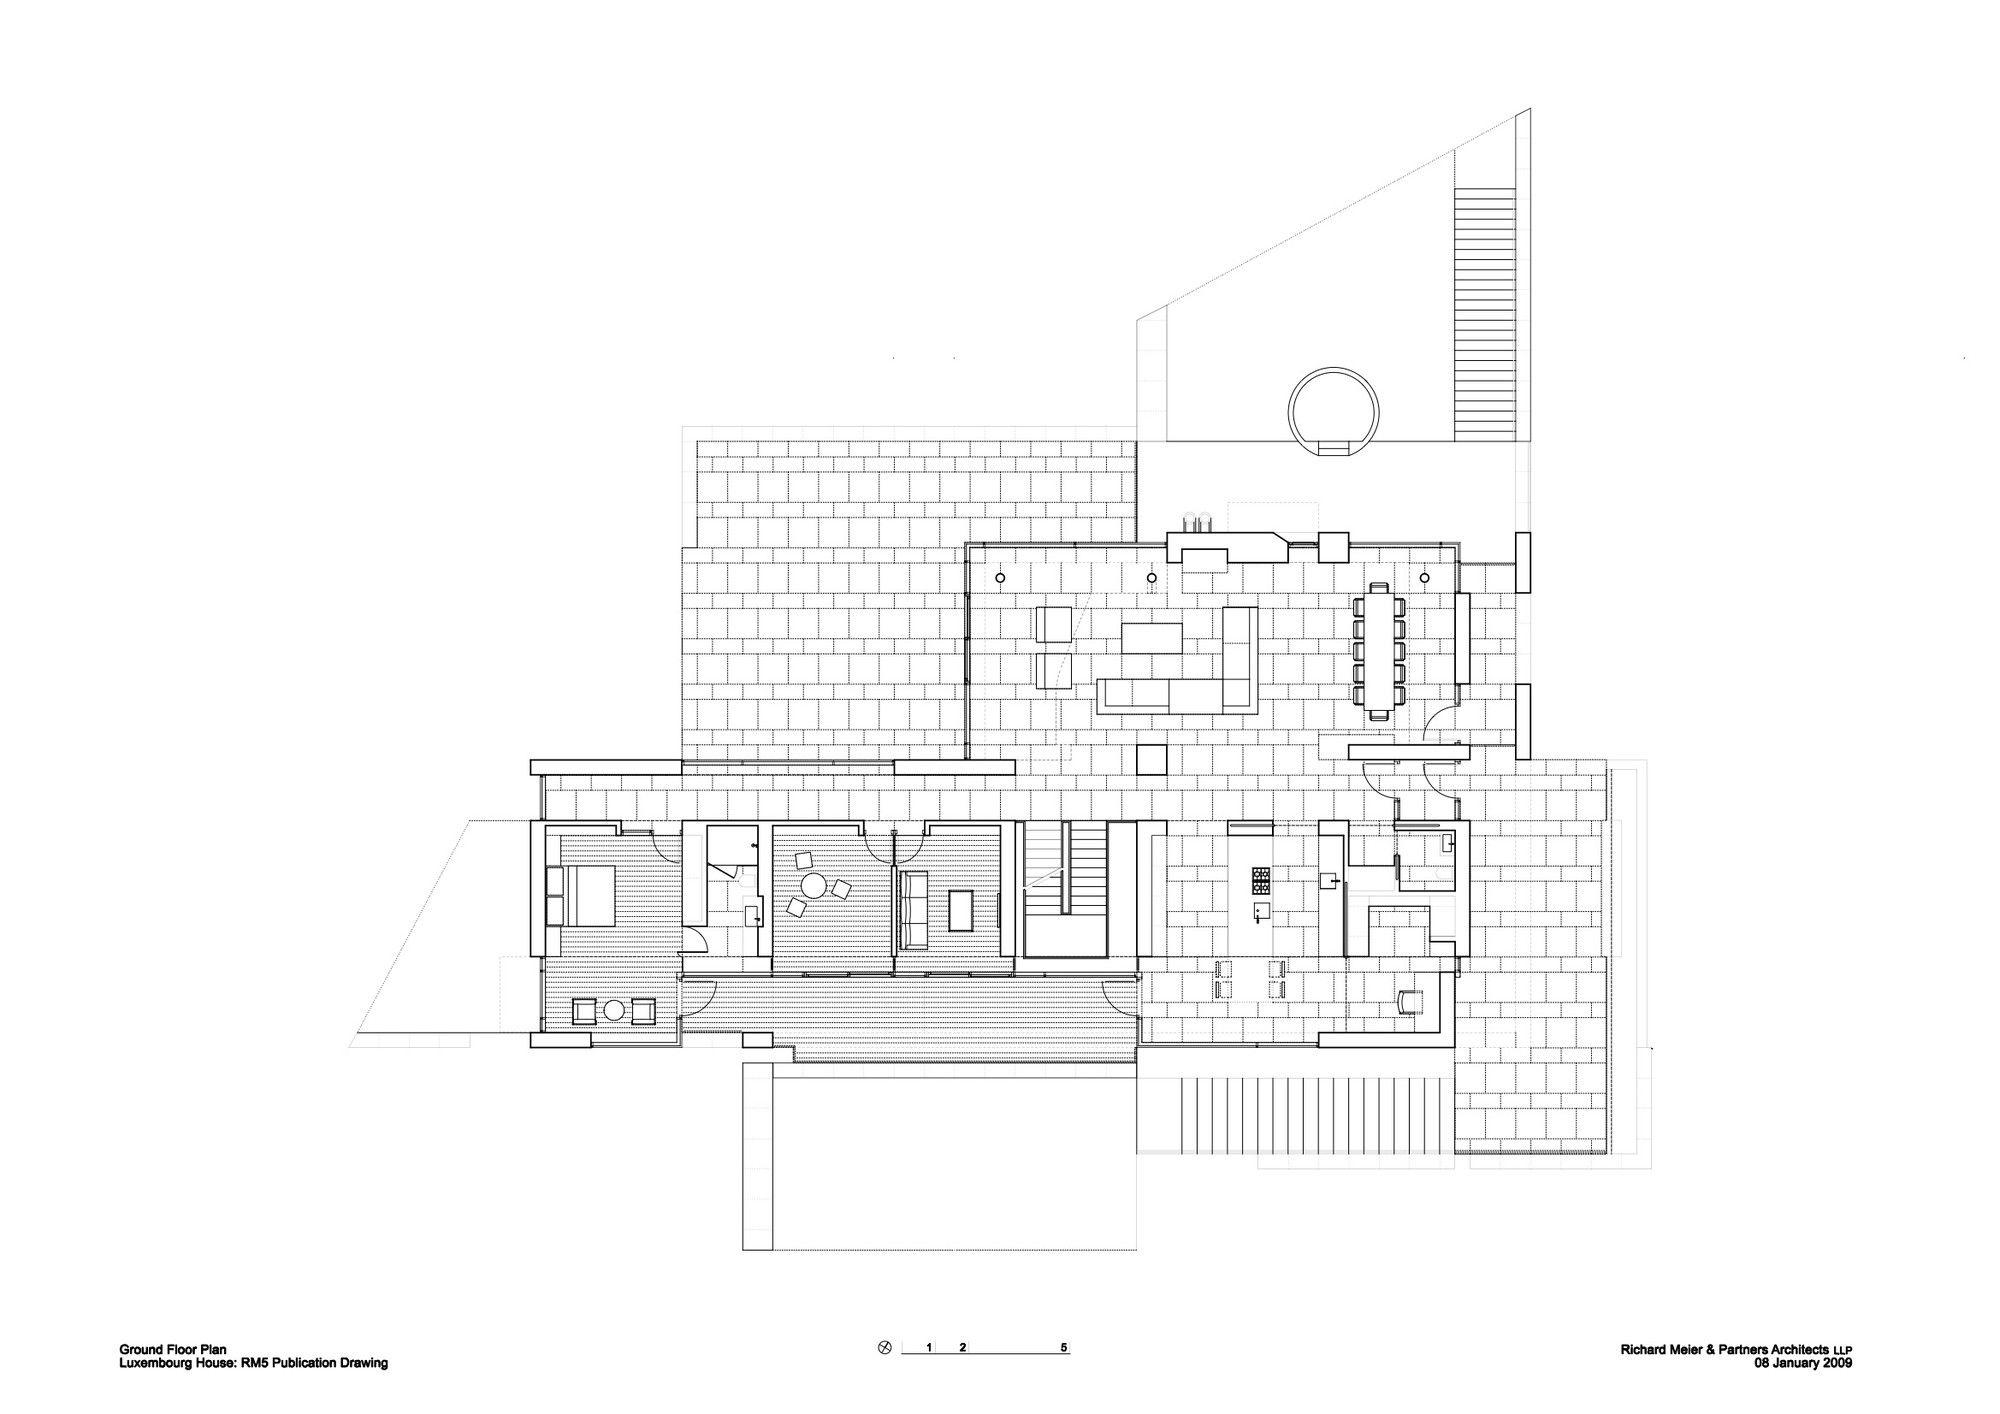 Richard Meier House Plans